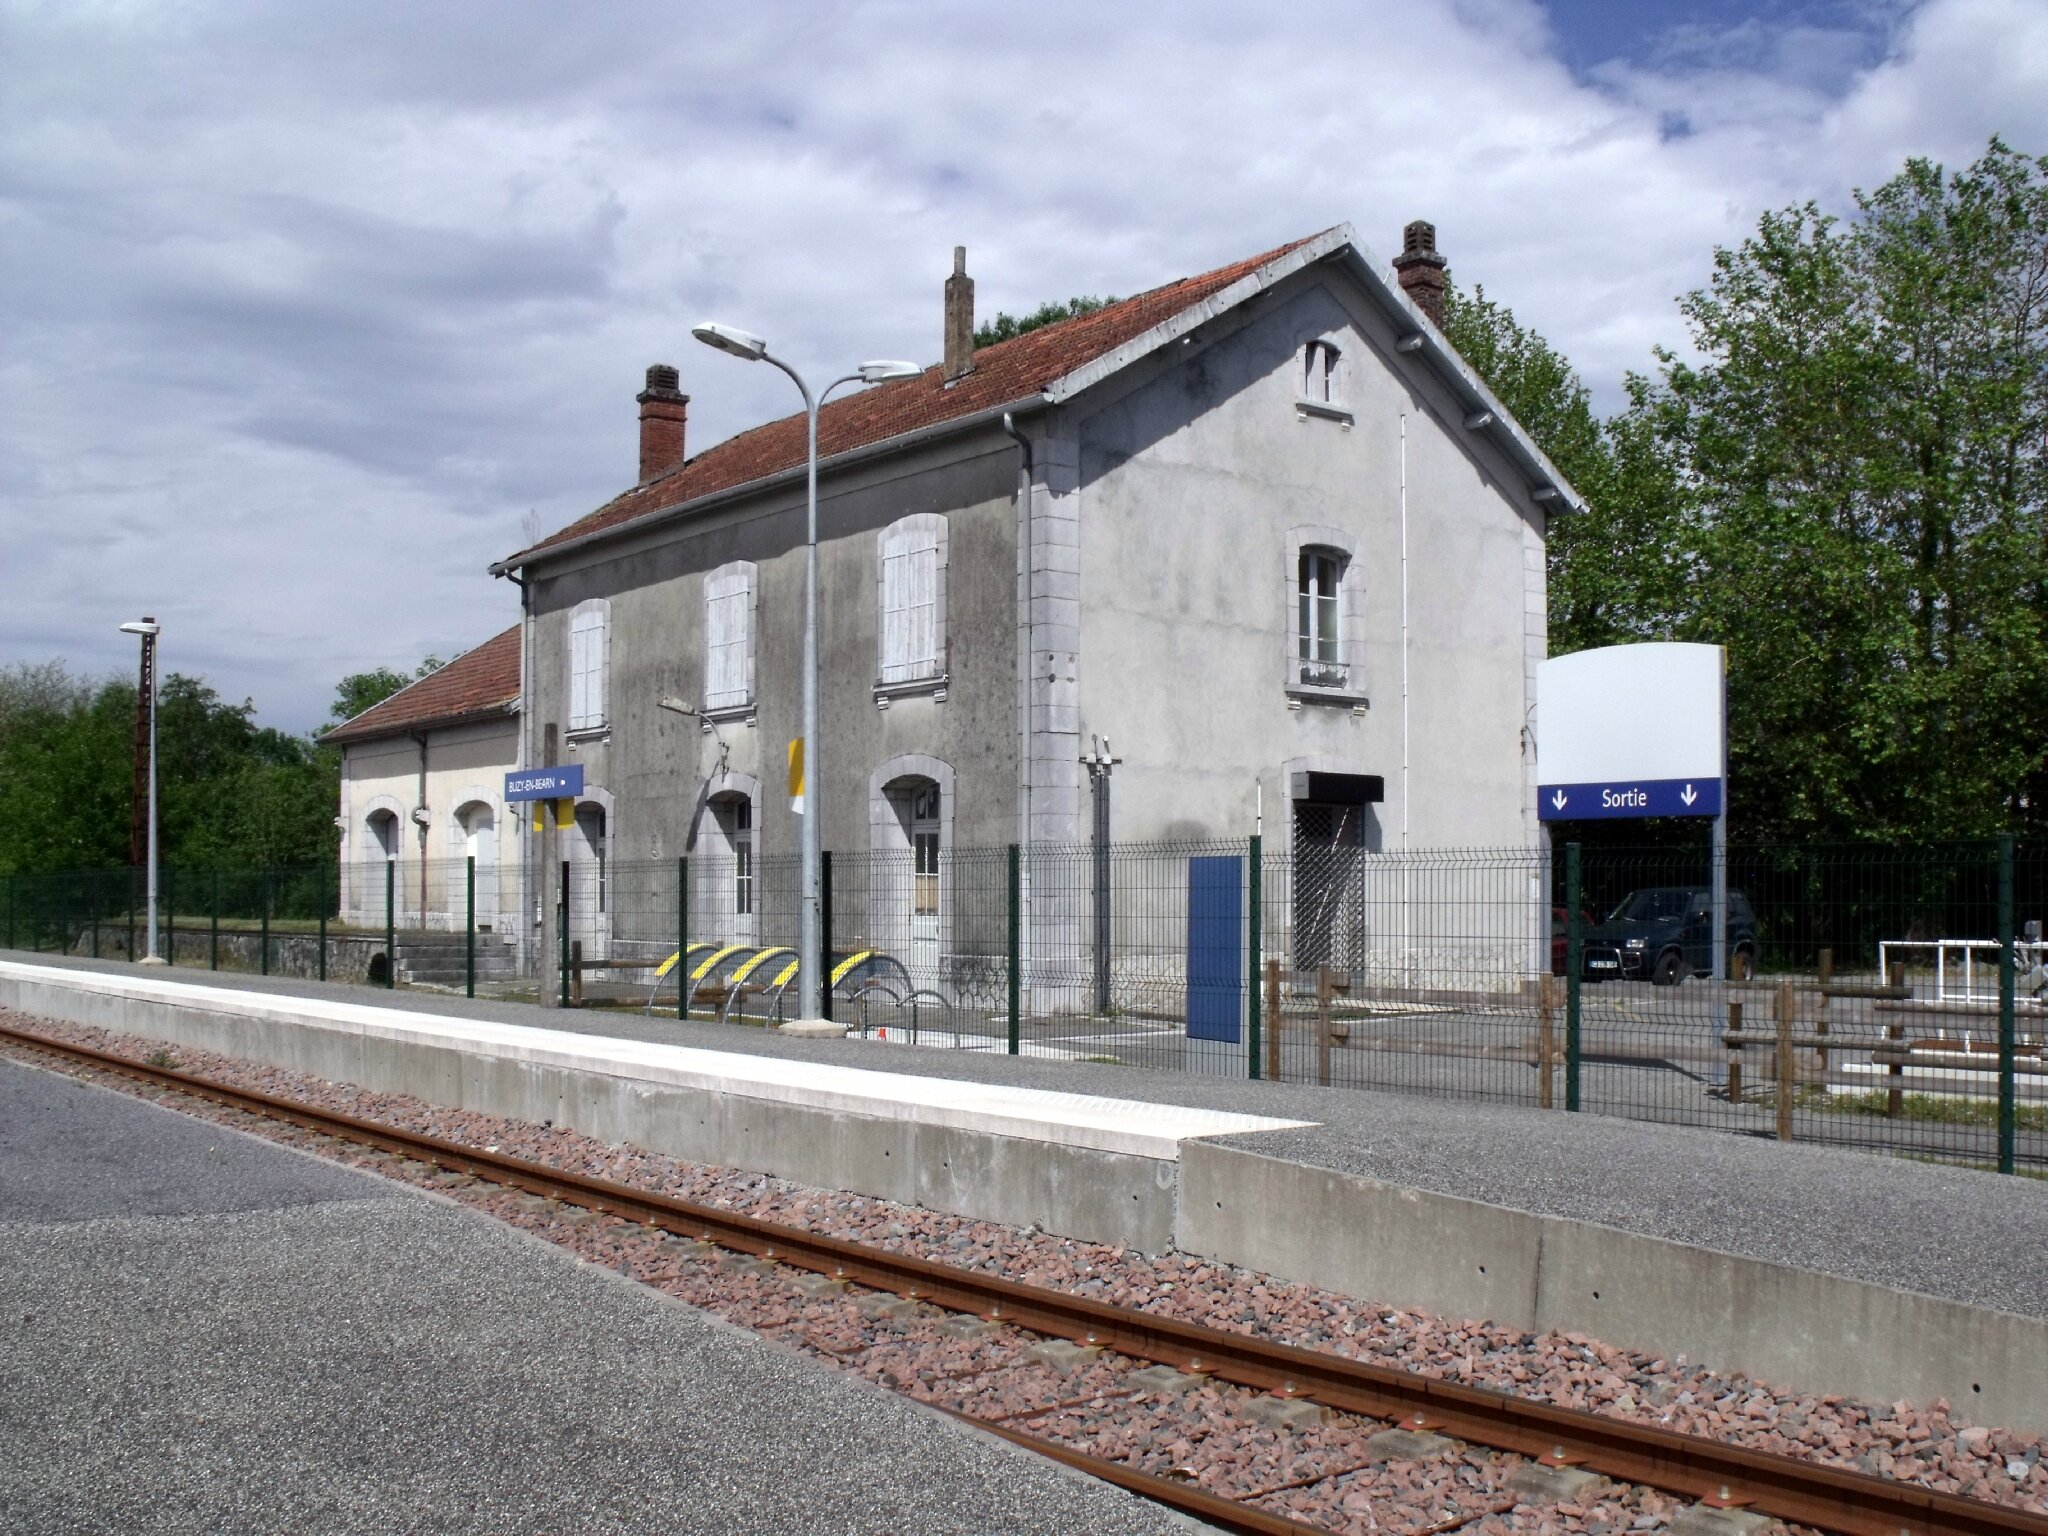 Buzy-en-Béarn (Pyrénées-Atlantiques - 64) BV